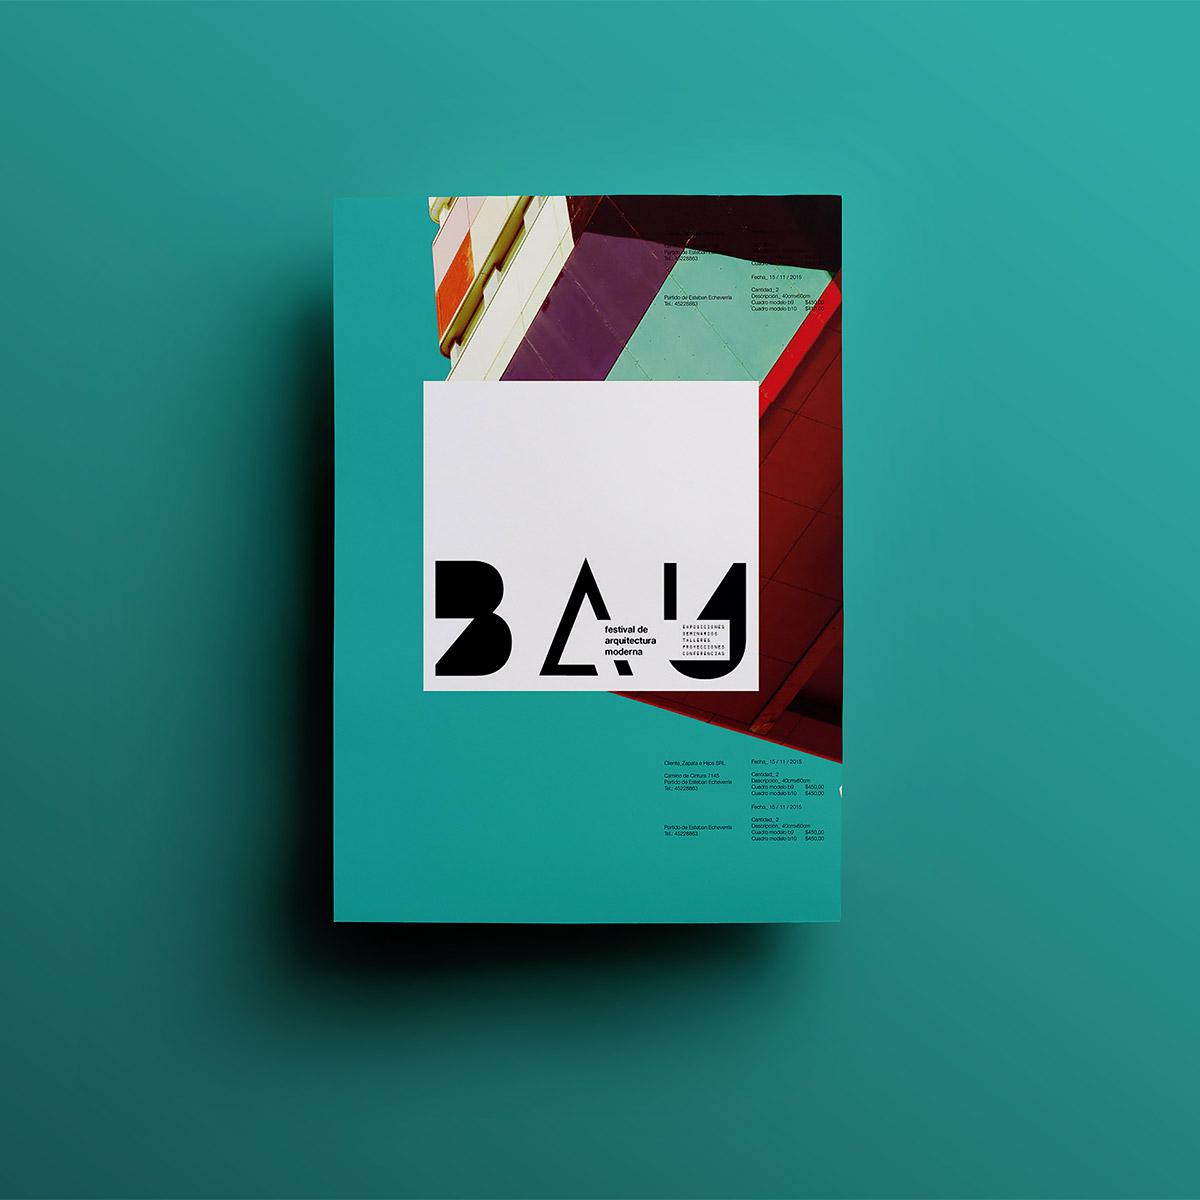 游戏资讯_Mane Tatoulian创意海报设计 - 设计之家